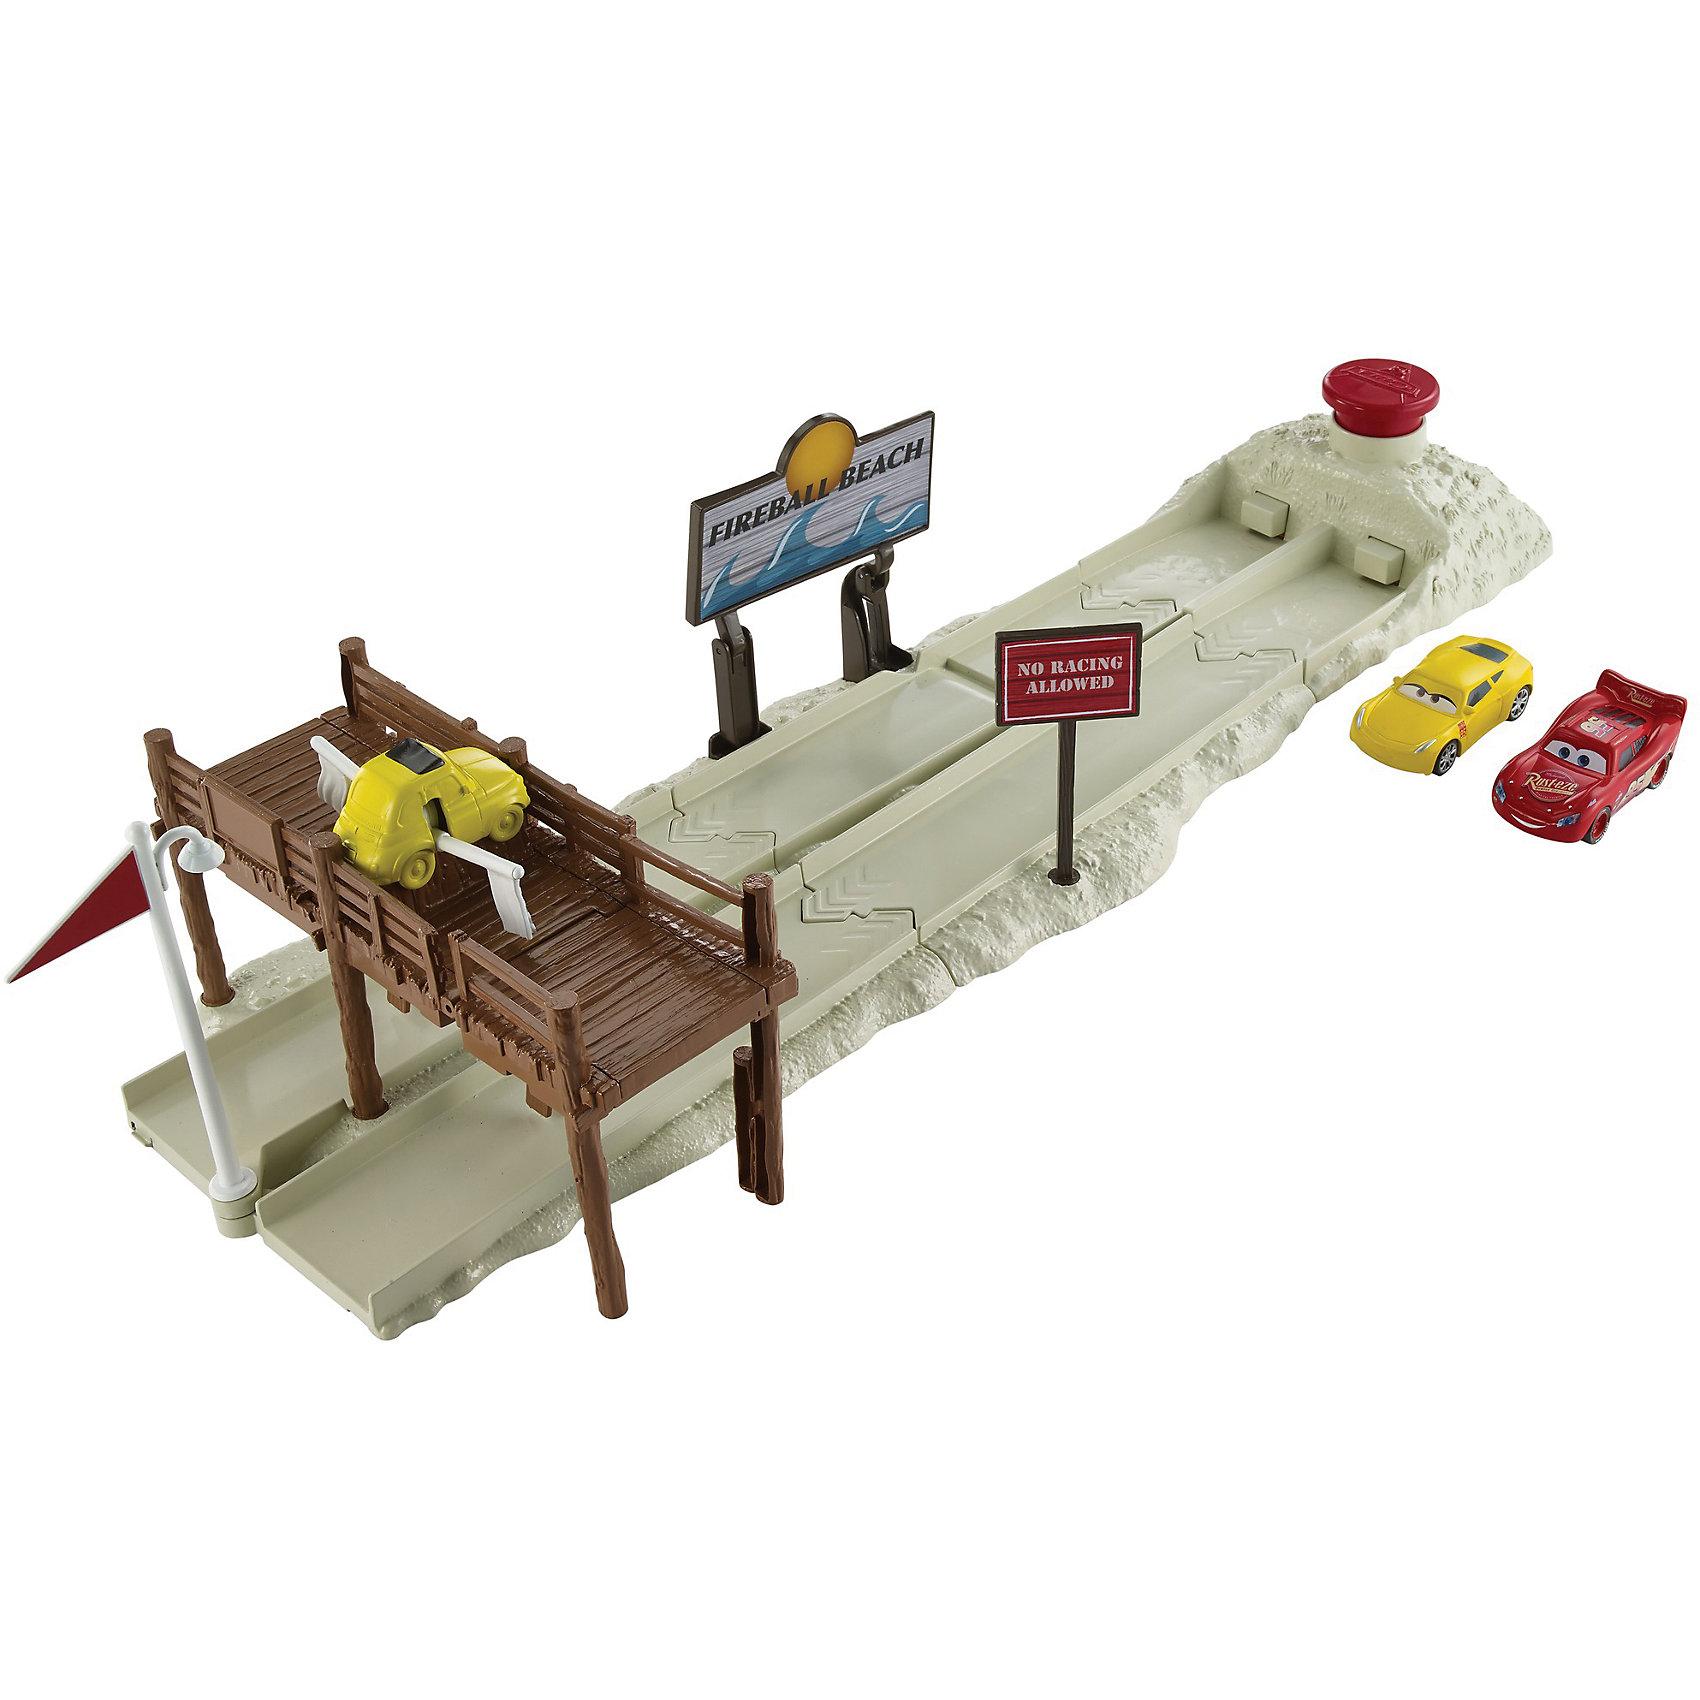 Легендарная трасса, ТачкиАвтотреки<br>Характеристики товара:<br><br>• возраст: от 4 лет;<br>• материал: пластик;<br>• в комплекте: машинка, трасса;<br>• размер упаковки: 25,5х25,5х7 см;<br>• вес упаковки: 676 гр.;<br>• страна производитель: Китай.<br><br>Легендарная трасса Тачки Mattel создана по мотивам известного мультфильма тачки. Она представляет собой сложную трассу с множеством препятствий, поворотов, спусков, пусковым механизмом. В комплекте представлена одна машинка, которой предстоит одолеть эту непростую трассу.<br><br>Легендарную трассу Тачки Mattel можно приобрести в нашем интернет-магазине.<br><br>Ширина мм: 255<br>Глубина мм: 70<br>Высота мм: 255<br>Вес г: 676<br>Возраст от месяцев: 48<br>Возраст до месяцев: 120<br>Пол: Мужской<br>Возраст: Детский<br>SKU: 6771779